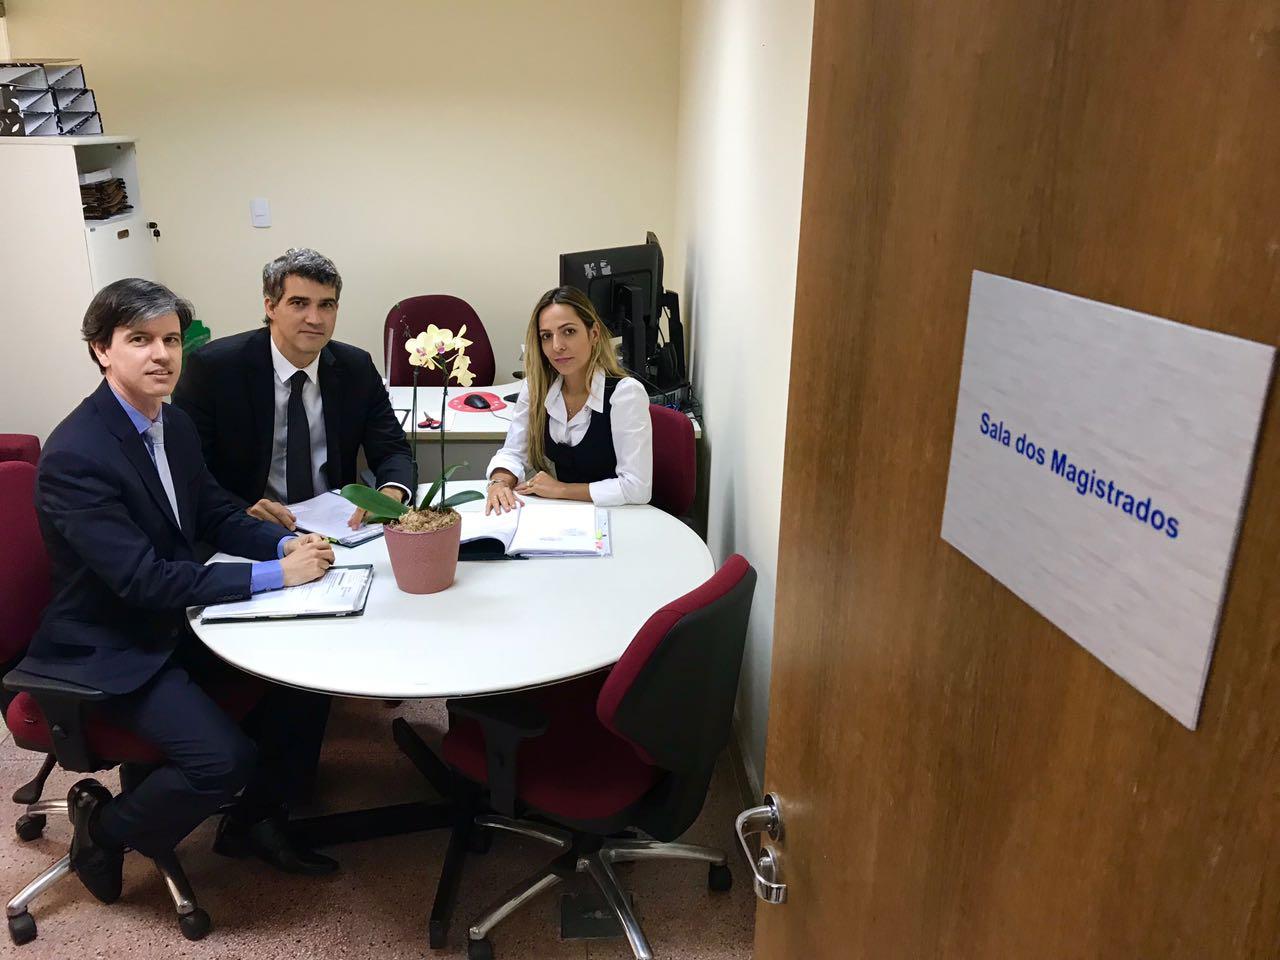 2ª Vice-Presidência dispõe de sala reservada a Magistrados do TJBA